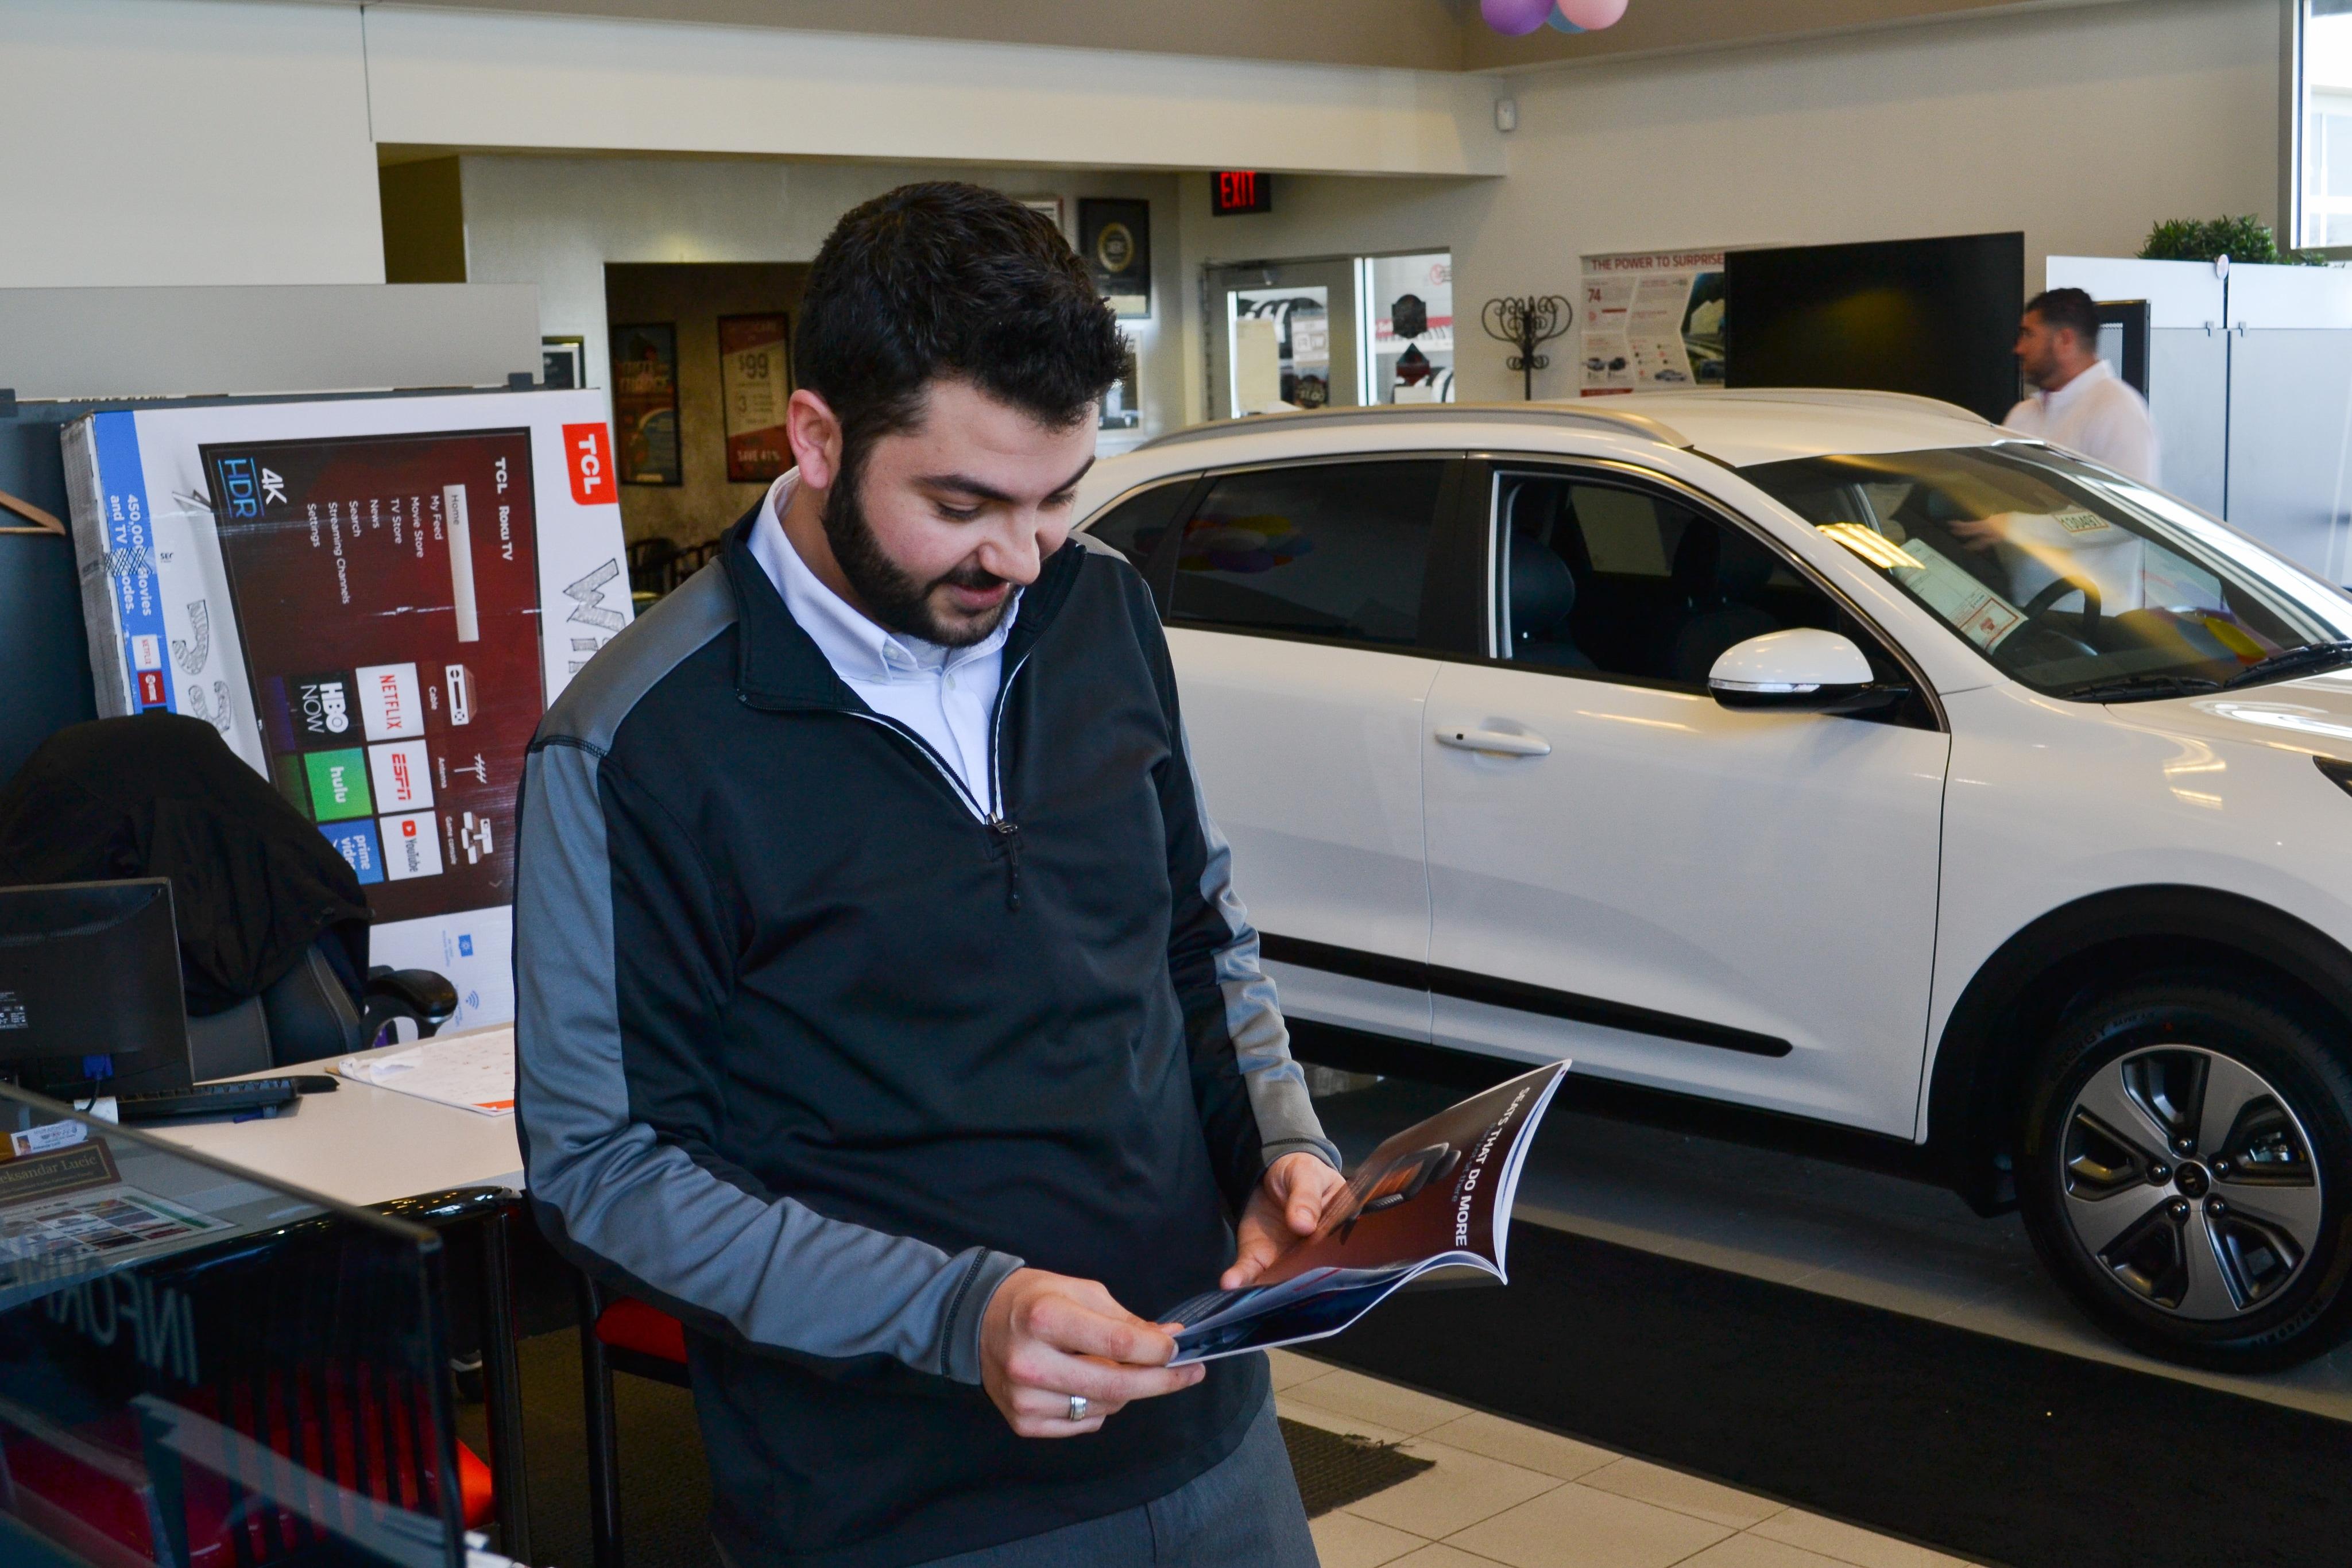 Craigslist Used Auto Parts Toledo Ohio Toledo Craigslist Cars Best